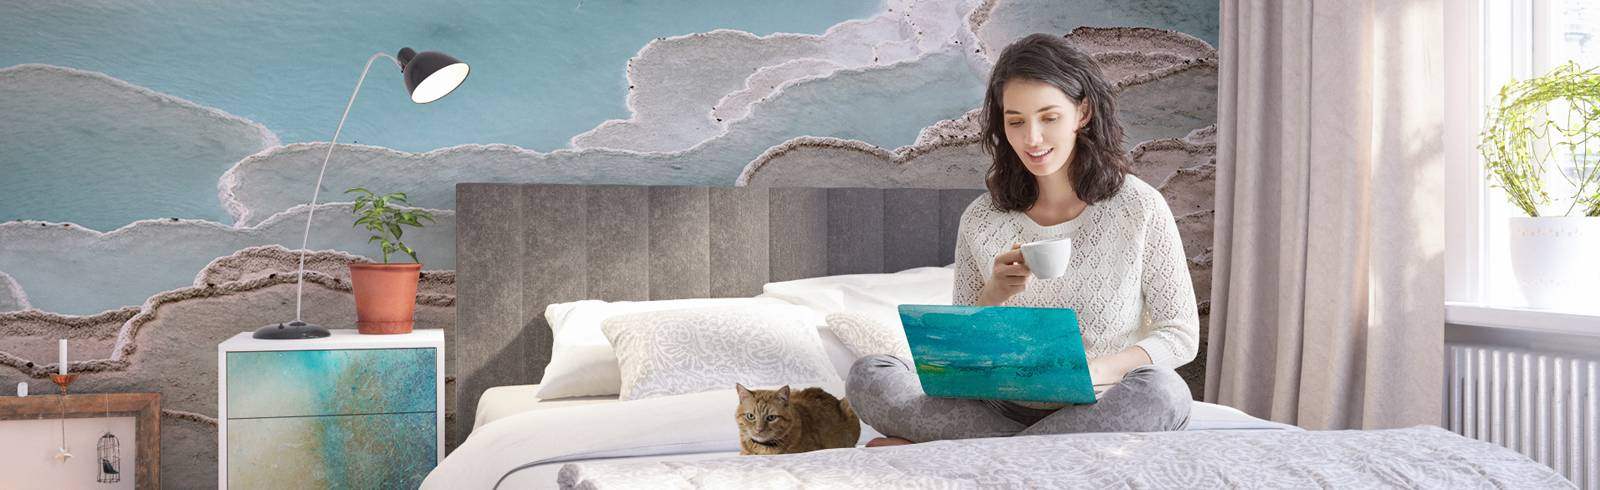 Fototapeta a nálepky do ložnice - Relaxace